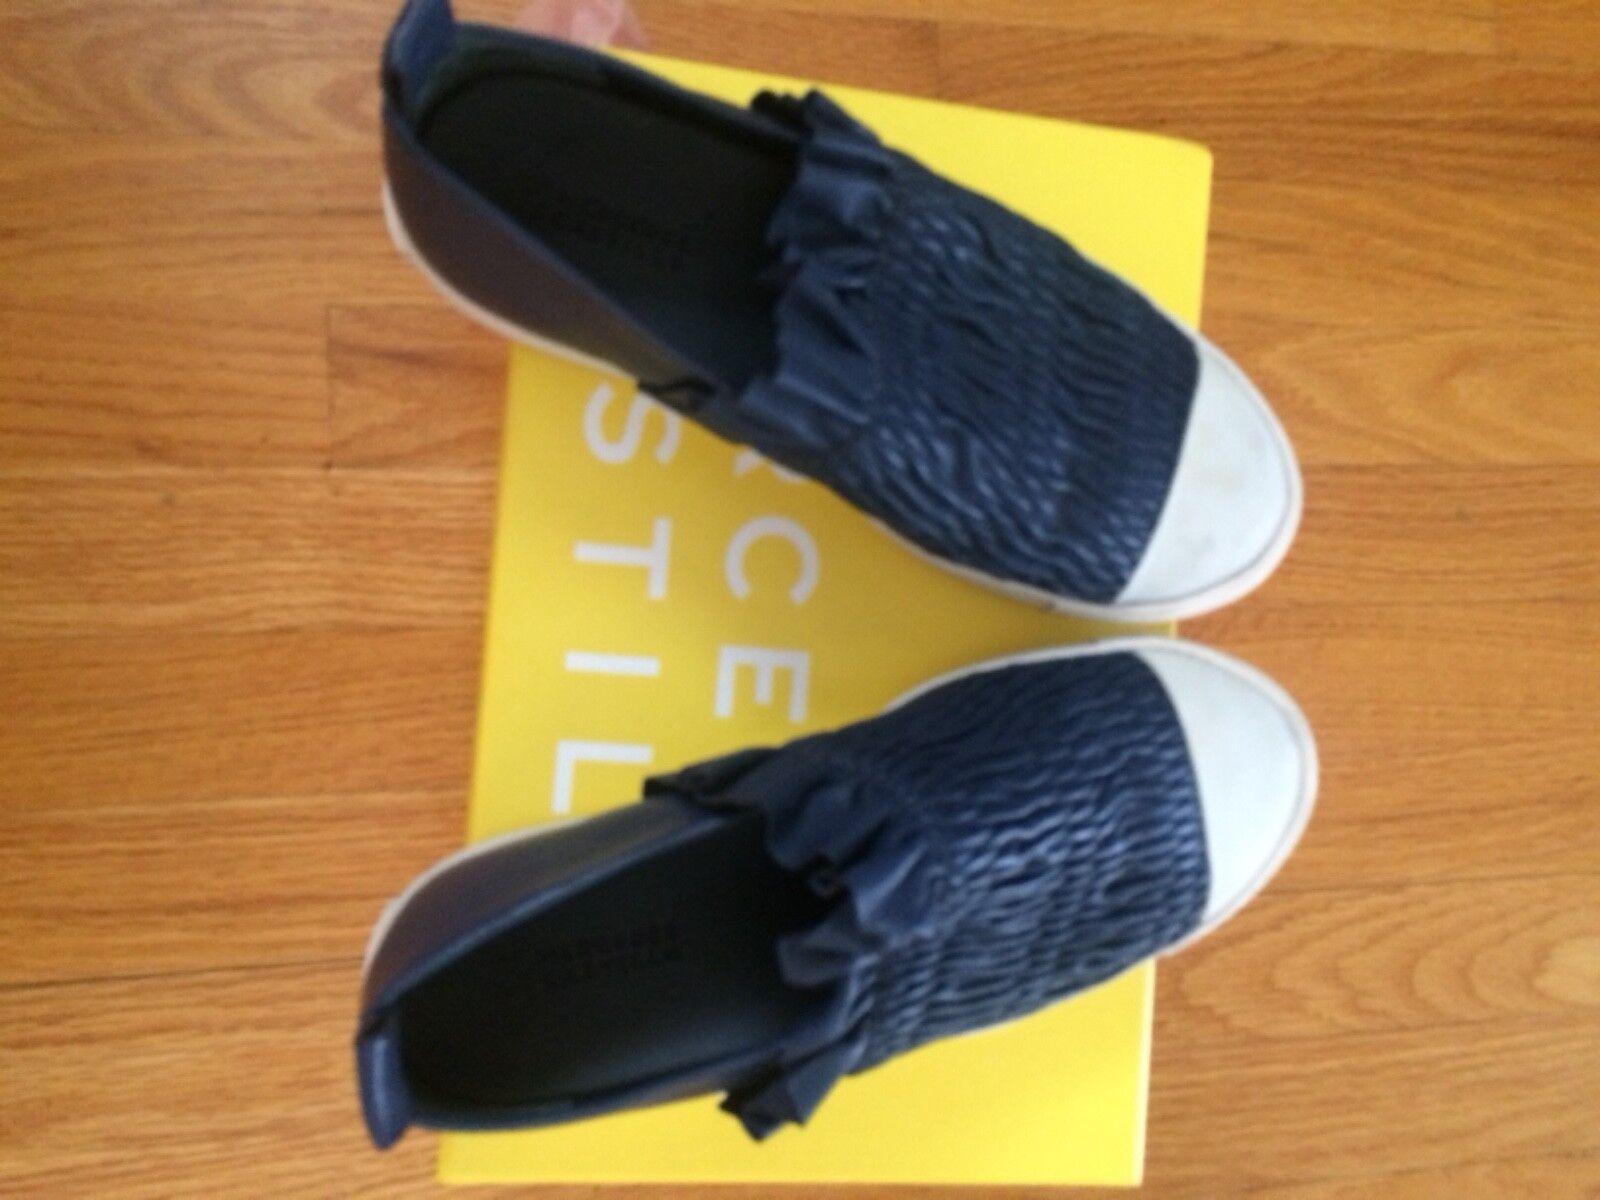 senza esitazione! acquista ora! Mercedes Castillo Antoinette Bright blu Leather Ruffle Ruffle Ruffle slip-on scarpe da ginnastica Dimensione 7  controlla il più economico